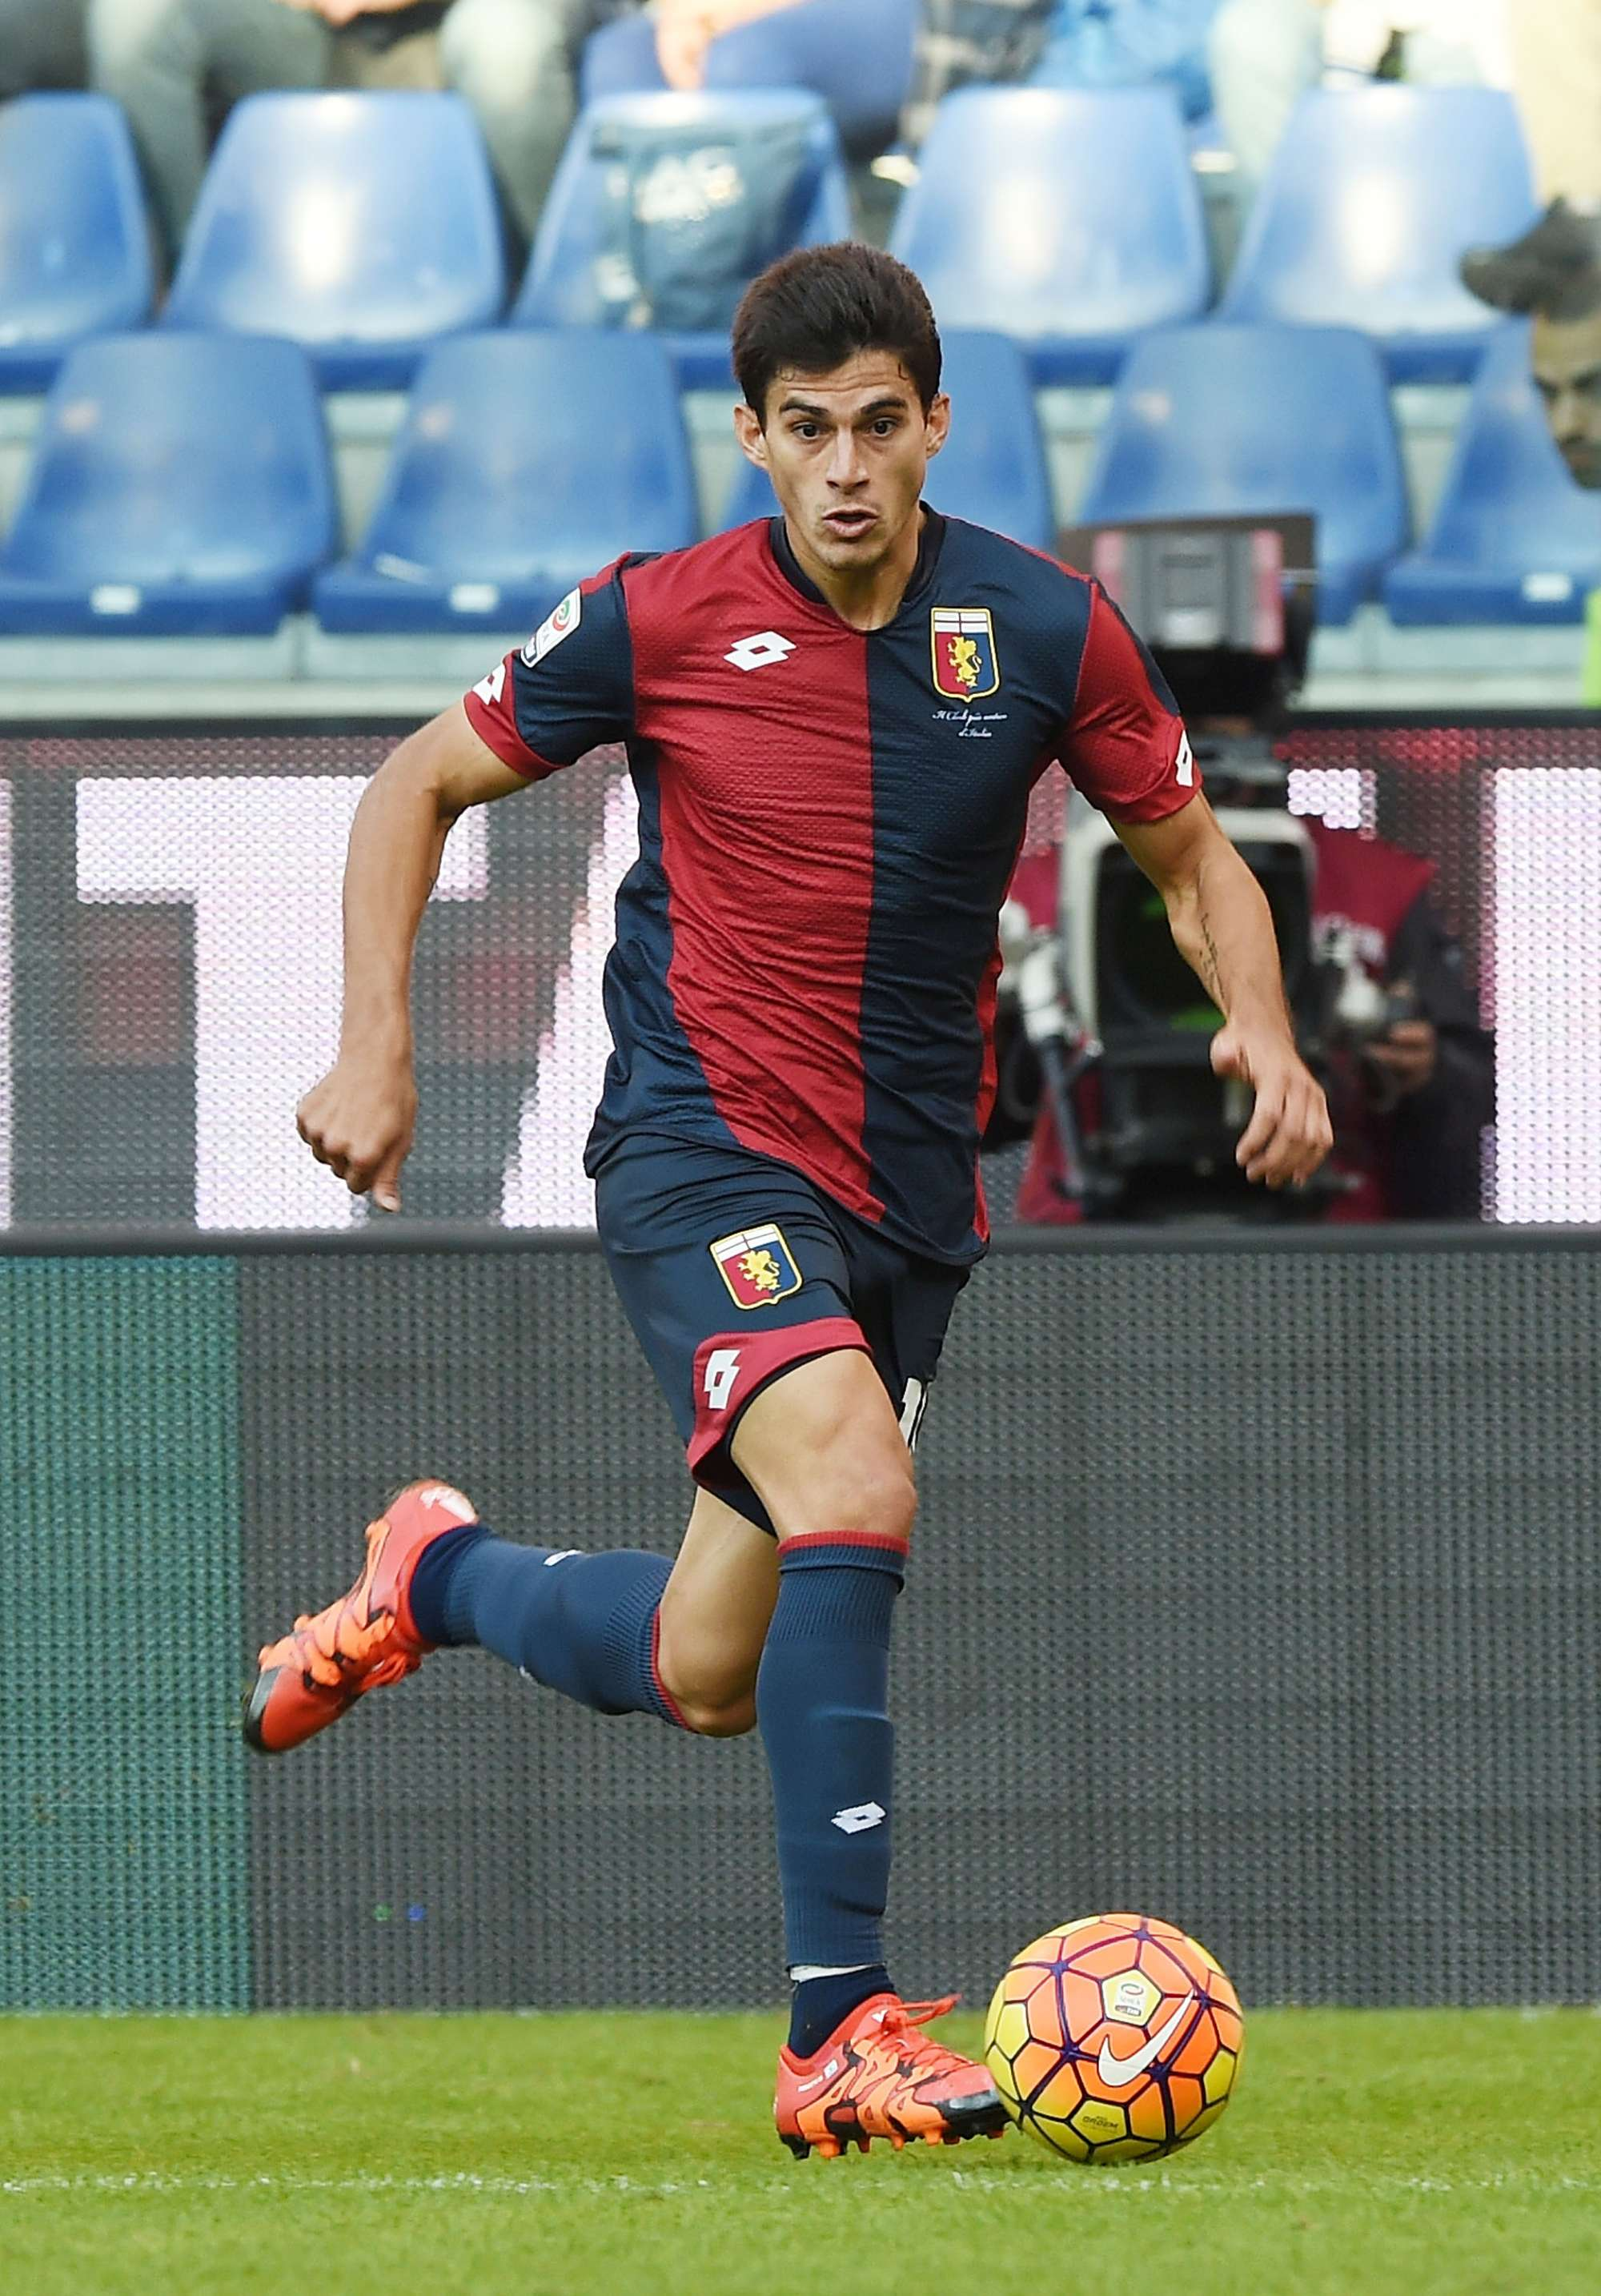 Diego Perotti ha giocato nel Genoa una stagione e mezzo, segnando 5 gol in 45 partite